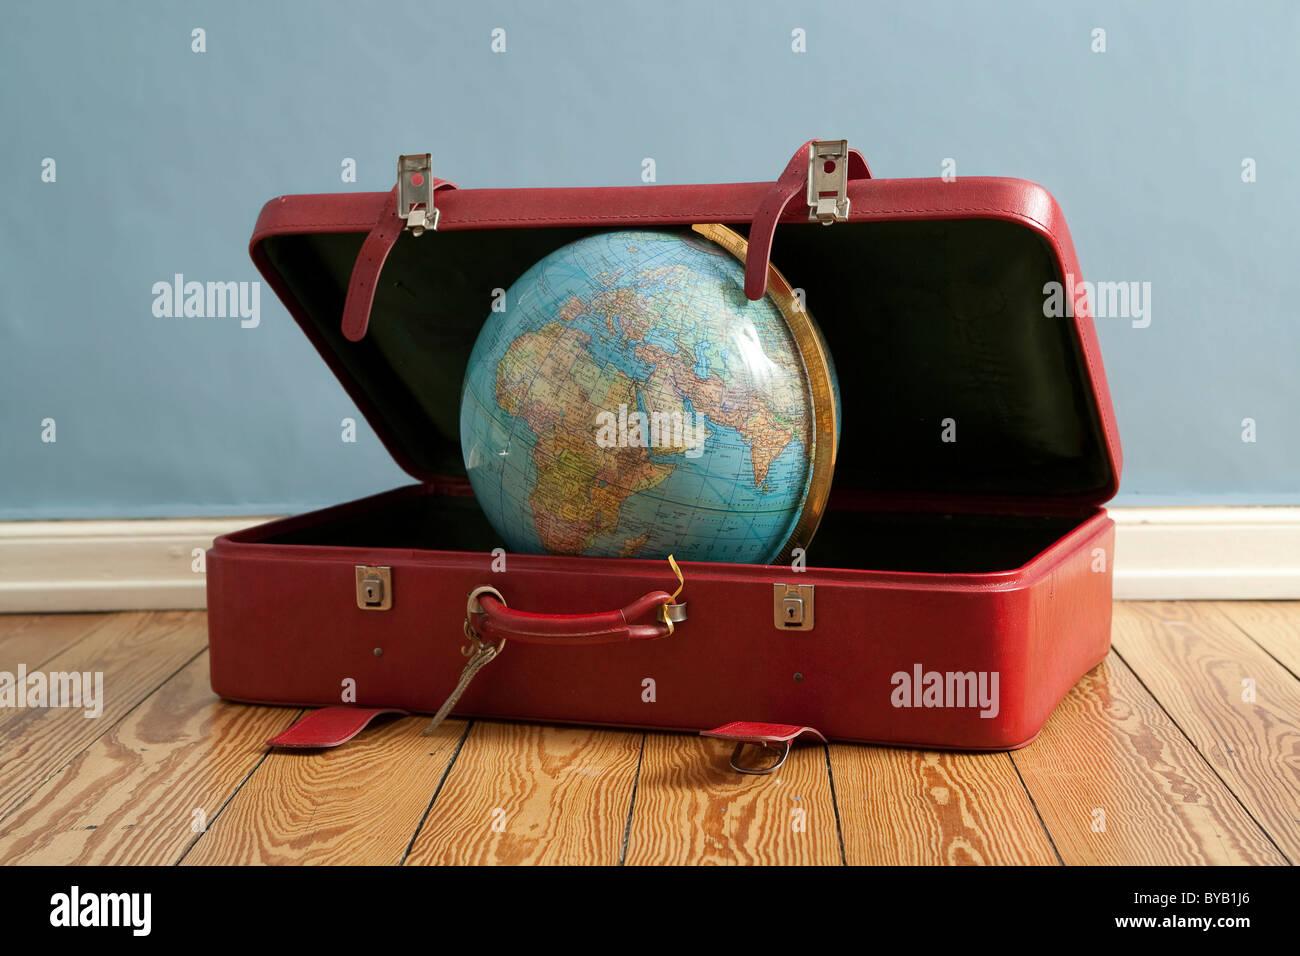 Mundo en una maleta, imagen simbólica para viajar, vacaciones, viaje alrededor del mundo Imagen De Stock